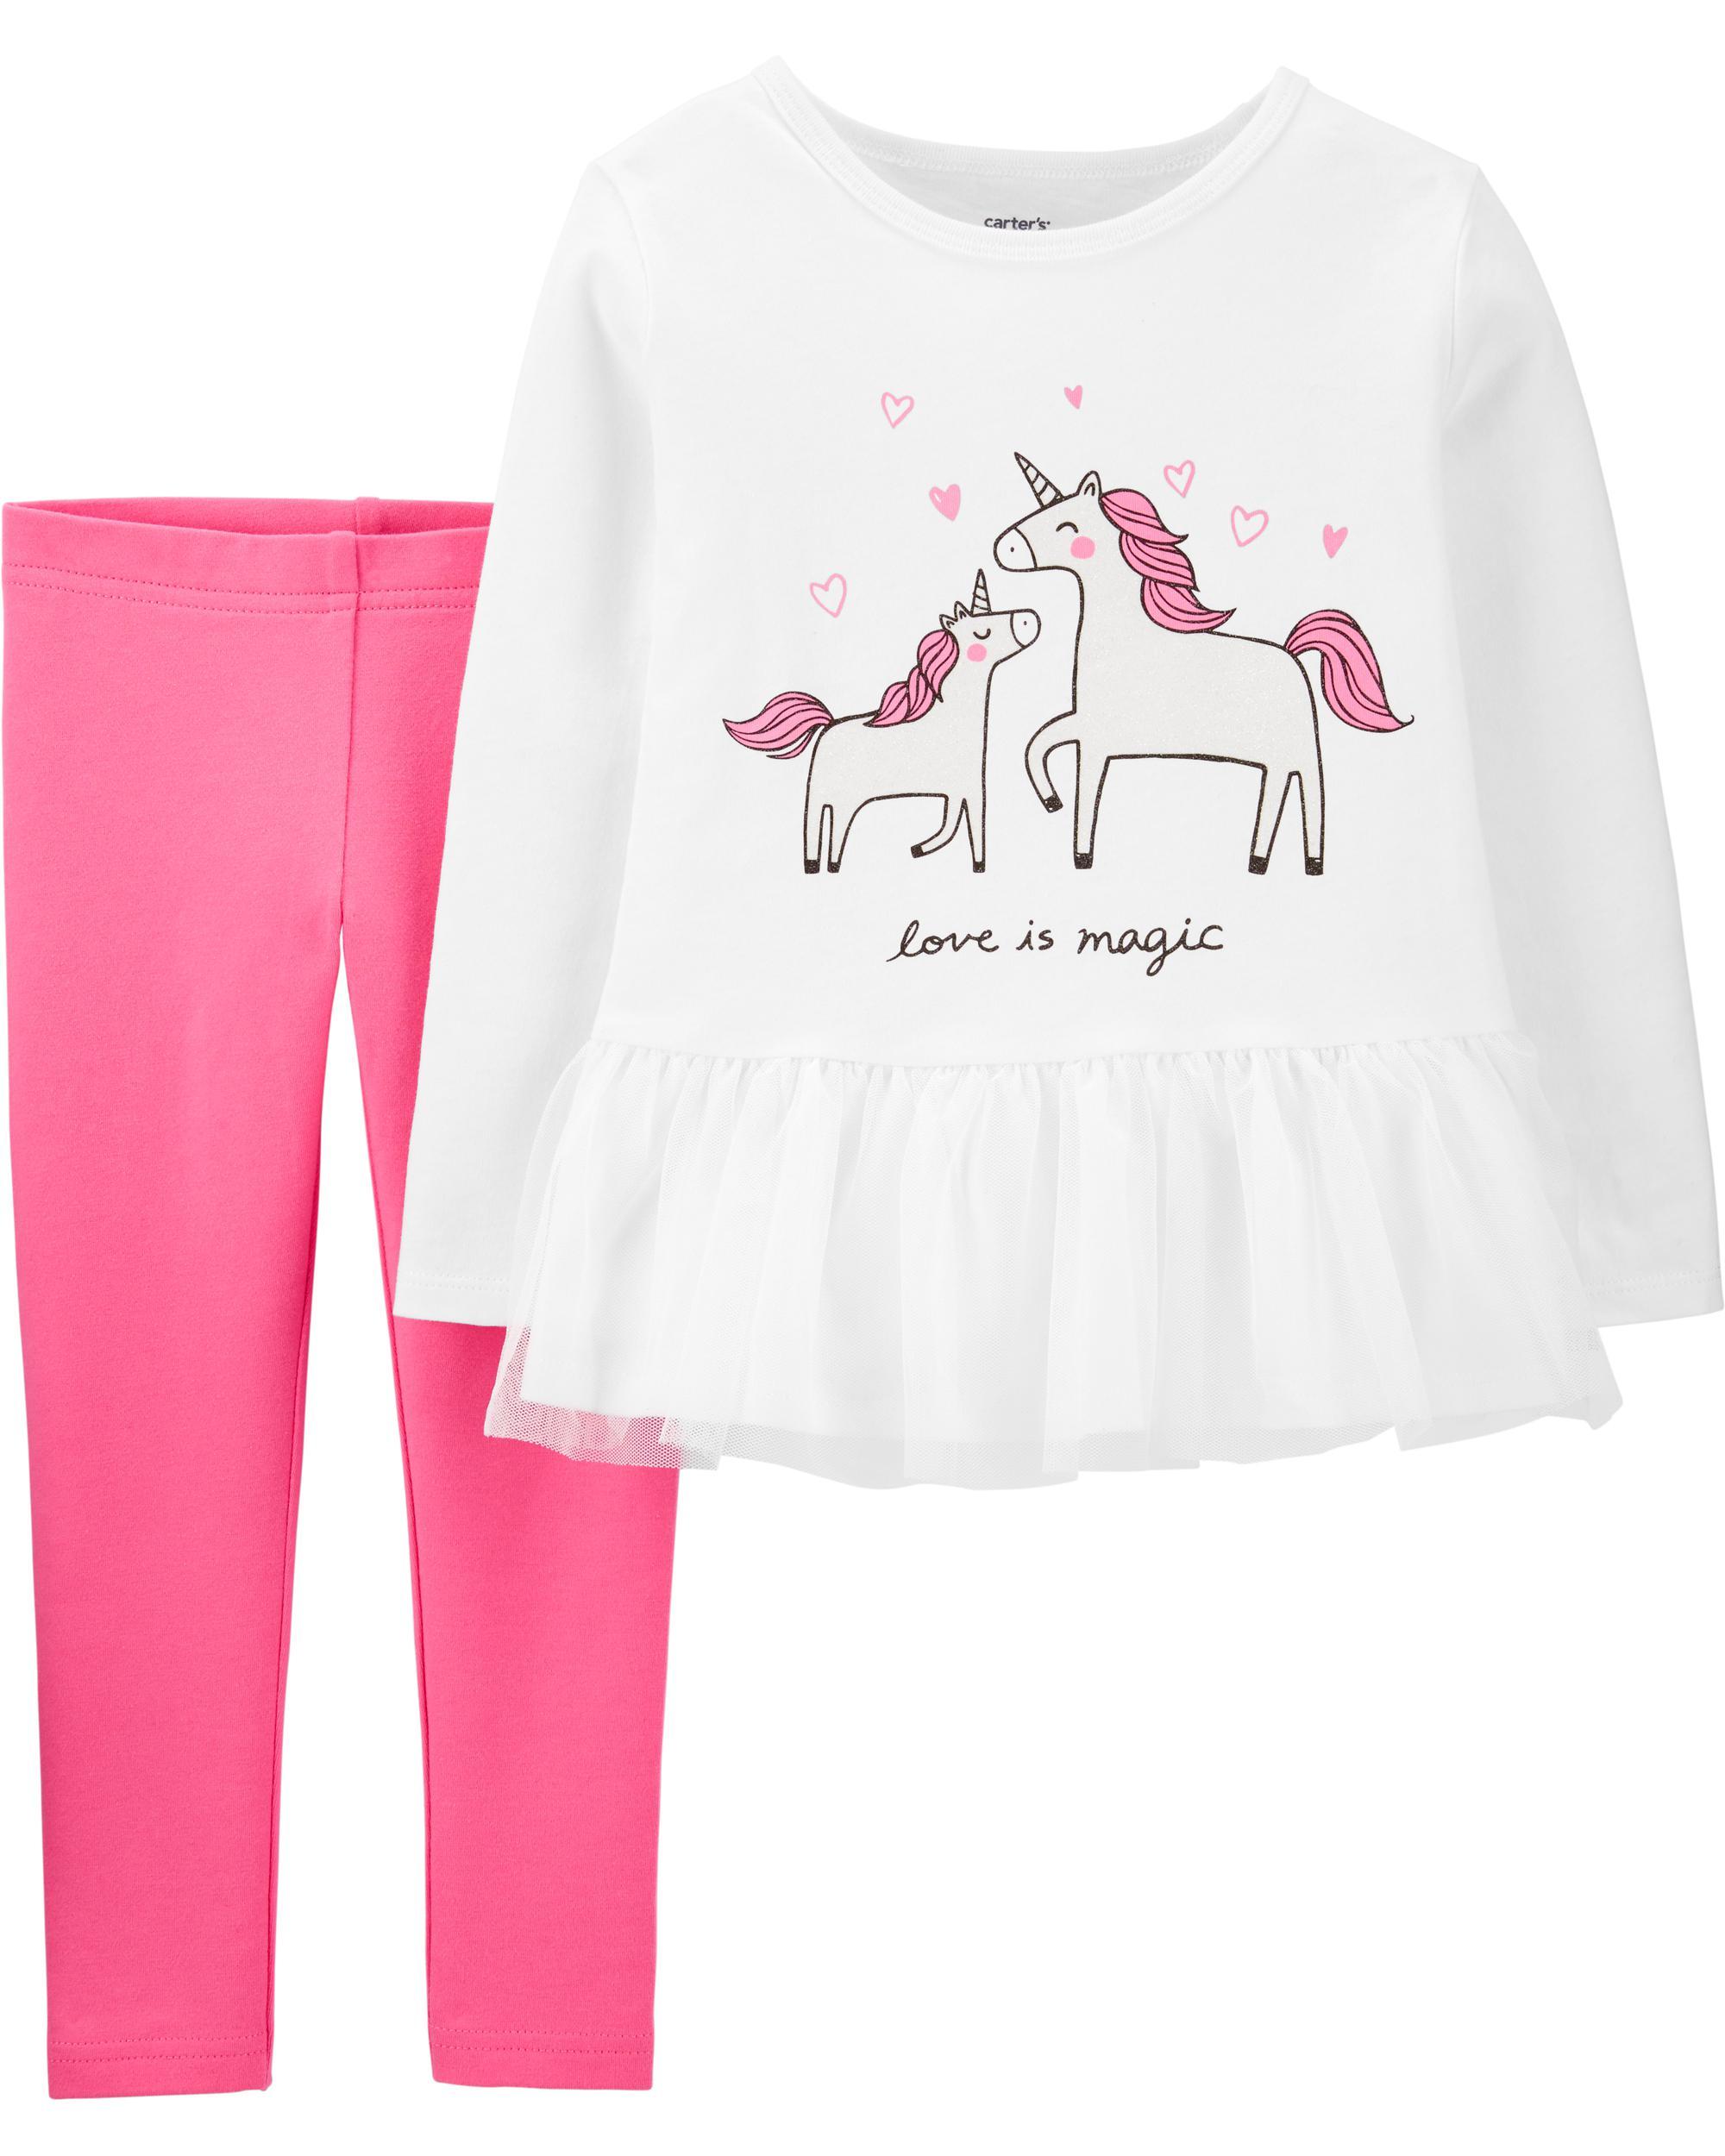 Conjunto Carters Blusa Manga Longa Branca Unicornio Menina